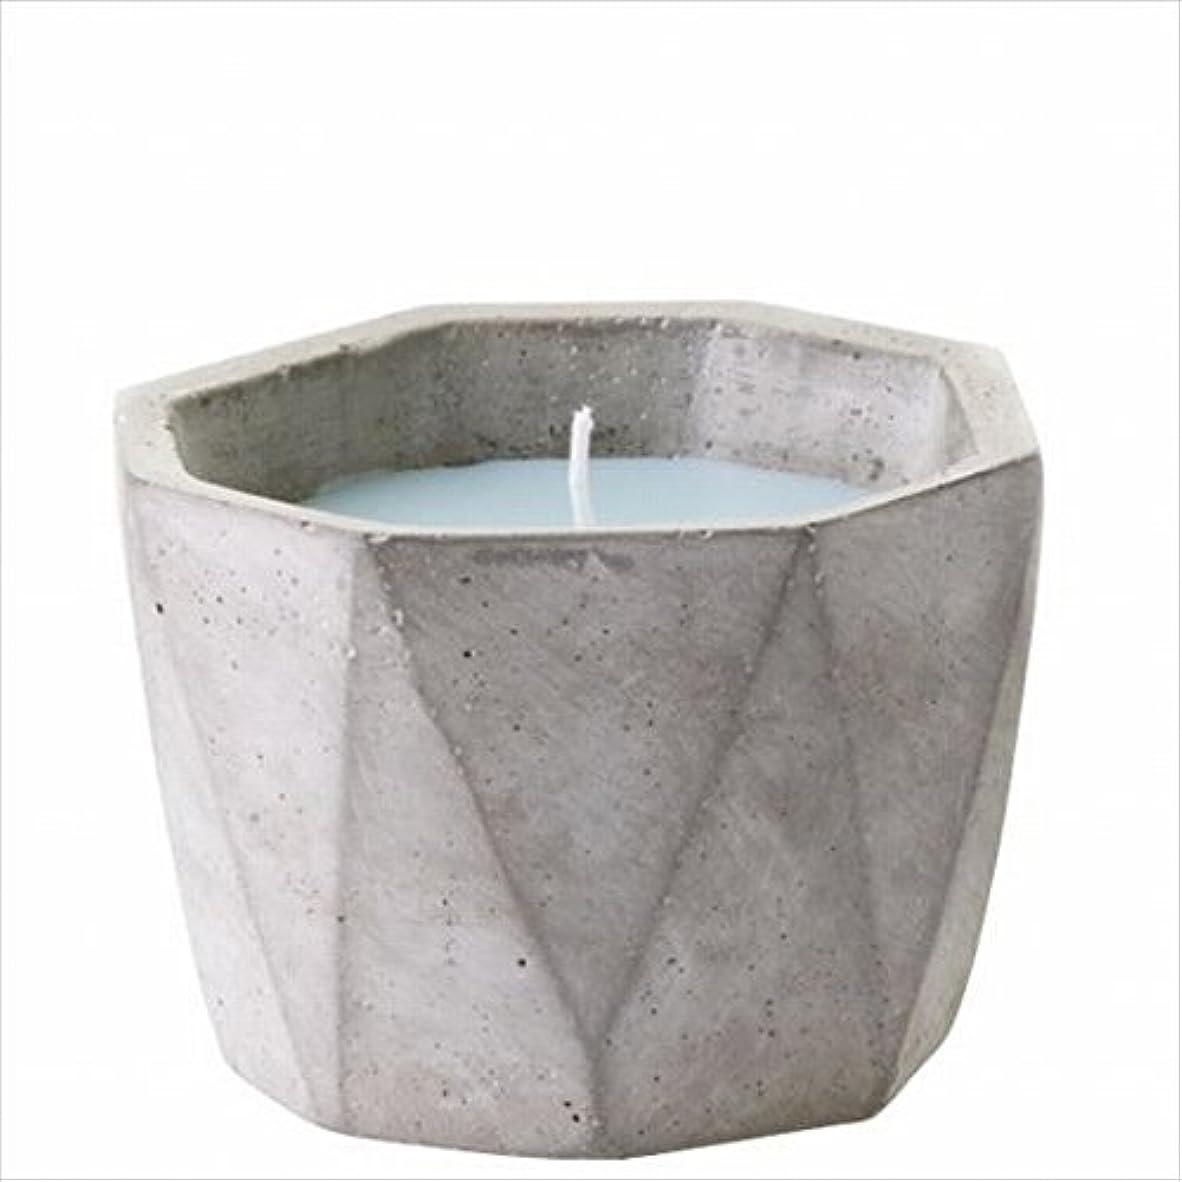 つぶやき毎年コードカメヤマキャンドル(kameyama candle) POiNT A LA LiGNE セメントポットセンティッドキャンドル 「 モックオレンジミント 」